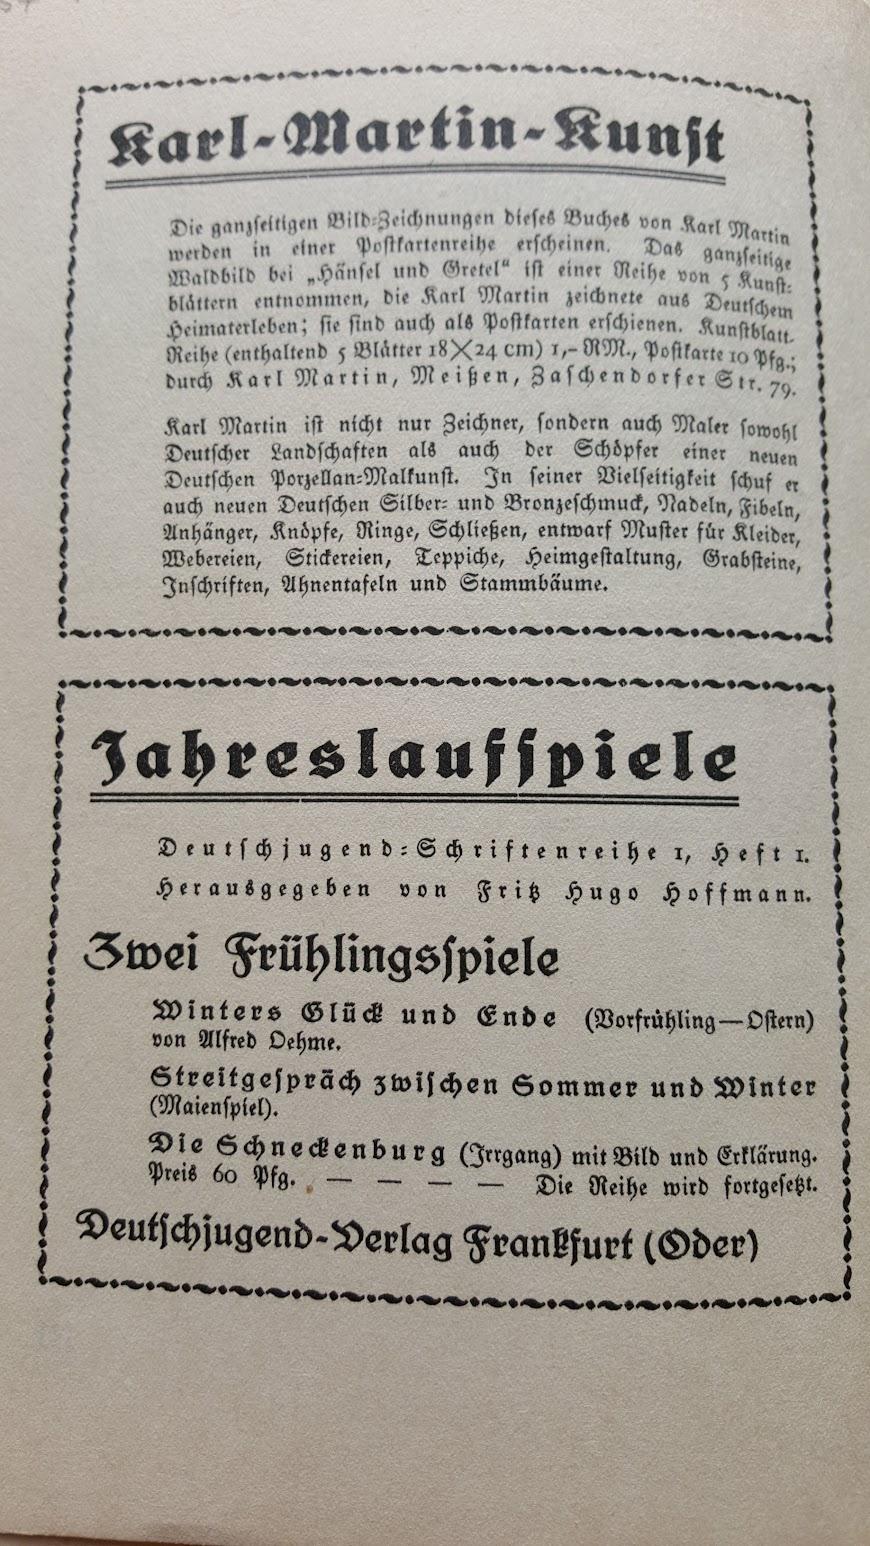 Deutsche Märchen und ihr Deutung, Ein Volksbuch aus der Nazizeit, 1934 - Buchwerbung